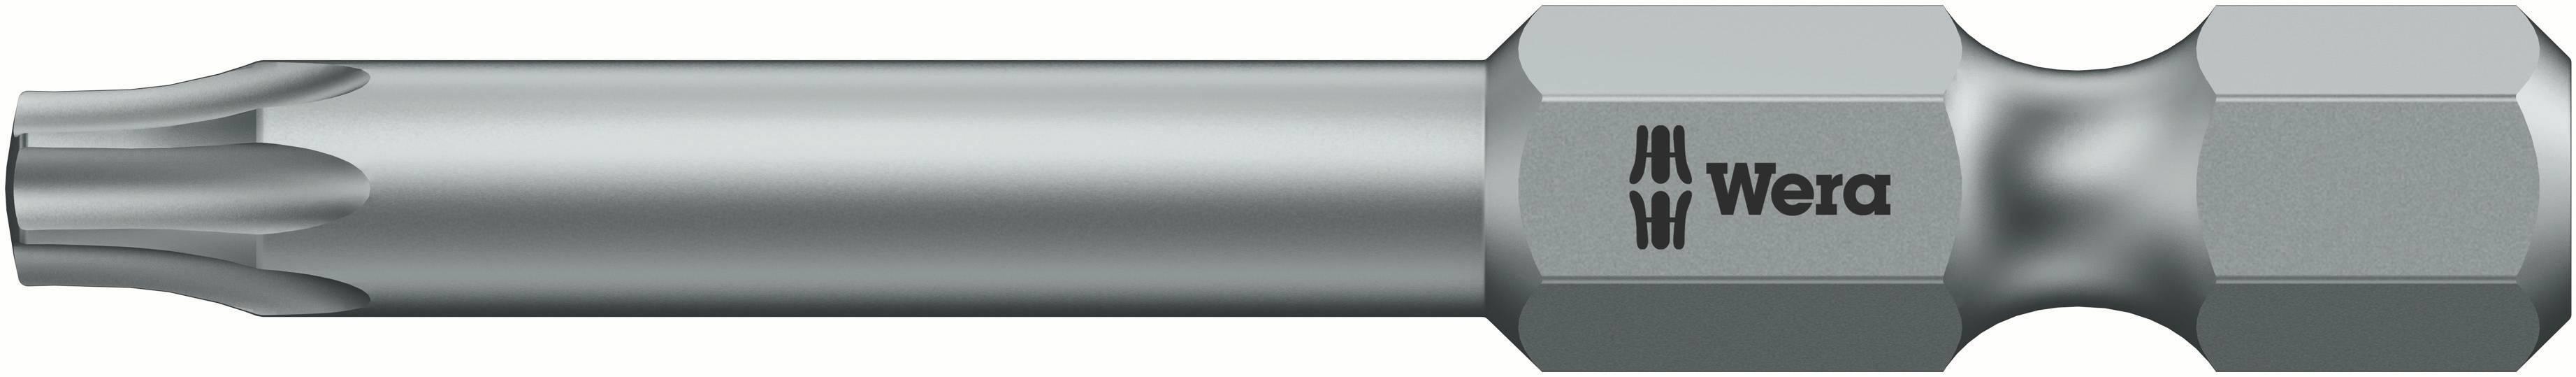 Bit Torx Wera 867/4 Z TORX® BO 25 X 89 MM 05060053001, 89 mm, nástrojová oceľ, legované, 1 ks